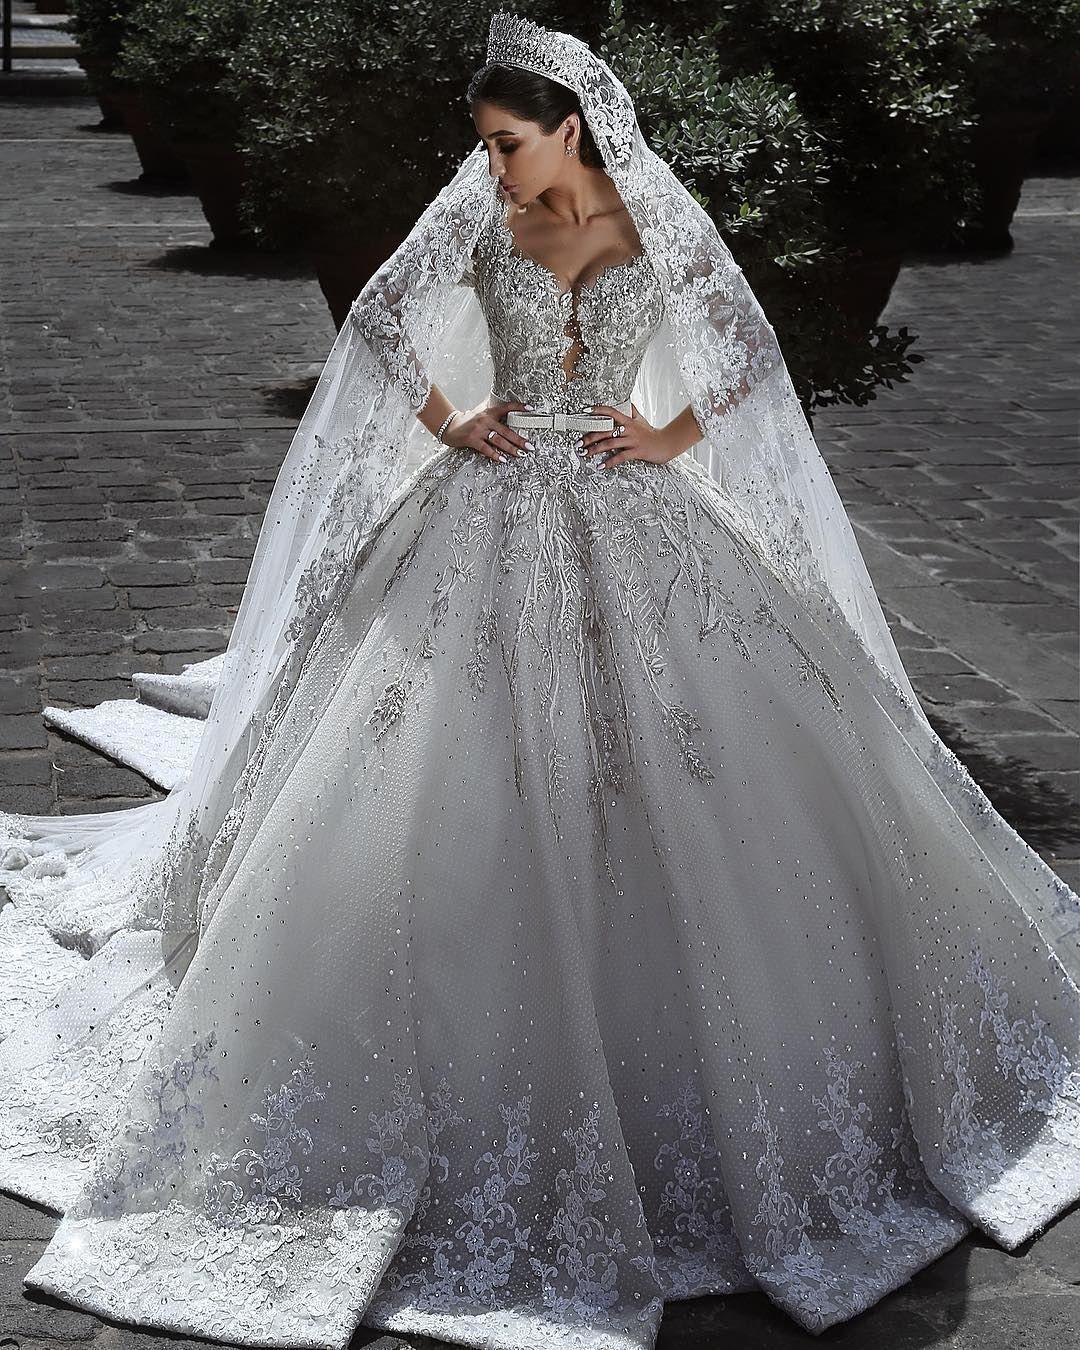 Großhandel Dubai Arabisch Spitze Brautkleider Silber Applique Kristall  Perlen Luxus Langarm Brautkleider Mit Passendem Schleier Sweep Zug  Brautkleid